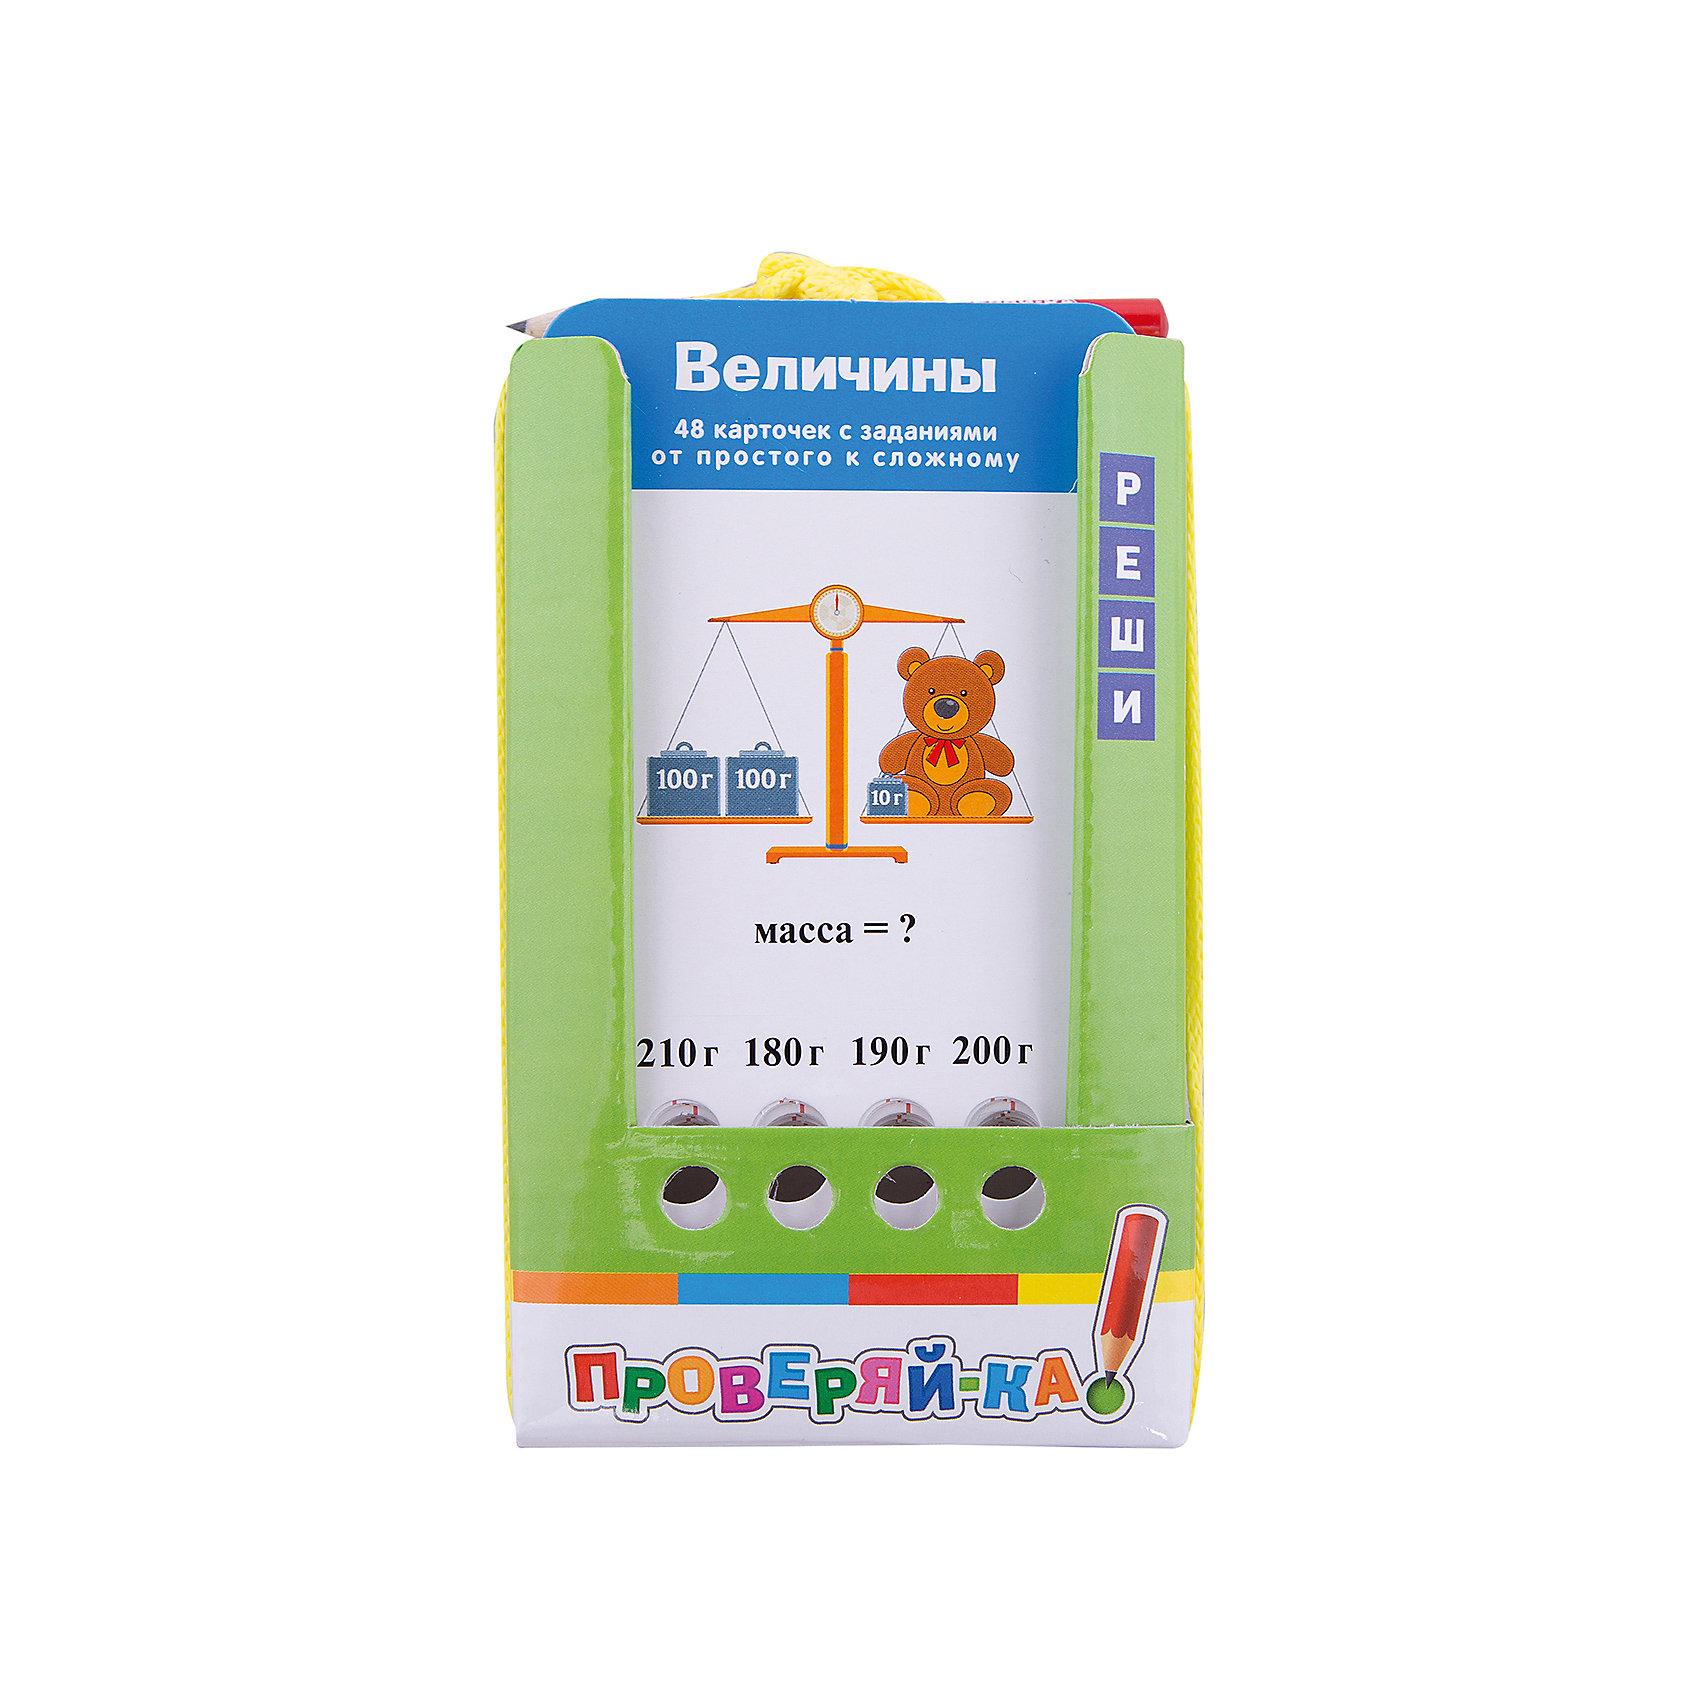 English: Проверяй-ка: Величины, Куликова Е.Н.Иностранный язык<br>Характеристики товара:<br><br>• возраст: от 6 лет<br>• комплектация: 48 двухсторонних картонных карточек; блок с закрепленным карандашом<br>• автор: Куликова Е.Н.<br>• производитель: Айрис-пресс<br>• серия: Проверяй-ка<br>• иллюстрации: черно-белые, цветные<br>• размер карточки: 14х8,5 см.<br>• длина карандаша: 8,5 см.<br>• упаковка: картонная коробка<br>• размер упаковки: 15,2х9,2х2,5 см.<br>• вес: 126 гр.<br><br>Комплект состоит из 48 двухсторонних карточек и рассчитан на две разных игры с цветной и чёрно-белой сторонами.<br><br>Задания ориентированы на автоматизацию навыка оперирования величинами (сантиметр, метр, килограмм, литр, гектар, час и т.д.).<br><br>В заданиях на цветной стороне нужно выбрать правильный ответ из 4-х предложенных. Для этих заданий предусмотрен оригинальный механизм самопроверки. Во время выполнения заданий карточки вставлены в блок, внизу которого расположено 4 отверстия. Выбрав вариант ответа, нужно вставить карандаш (прикреплен к блоку) в соответствующее ответу отверстие. Затем нужно потянуть за карточку, если ответ выбран правильно, карточка вынется из блока, если неверно - нет.<br><br>В заданиях на черно-белой стороне нет вариантов ответов, тут нужно самому выполнять задания. Для выполнения задания нужен карандаш, он прикреплен к блоку. Правильные ответы написаны внизу карточек (когда карточка вставлена в блок, ответ не виден).<br><br>Условия игры с карточками подразумевают их многократное использование. Простота и удобство комплекта позволяют организовать игру в школе и дома, а также в транспорте или на природе. Благодаря игровой форме пособия учебный материал усваивается легче и без принуждения, реализуется безопасное для здоровья ребёнка обучение.<br><br>Комплект Проверяй-ка: Величины, Куликова Е.Н. можно купить в нашем интернет-магазине.<br><br>Ширина мм: 22<br>Глубина мм: 90<br>Высота мм: 140<br>Вес г: 120<br>Возраст от месяцев: 84<br>Возраст до месяцев: 108<br>Пол: